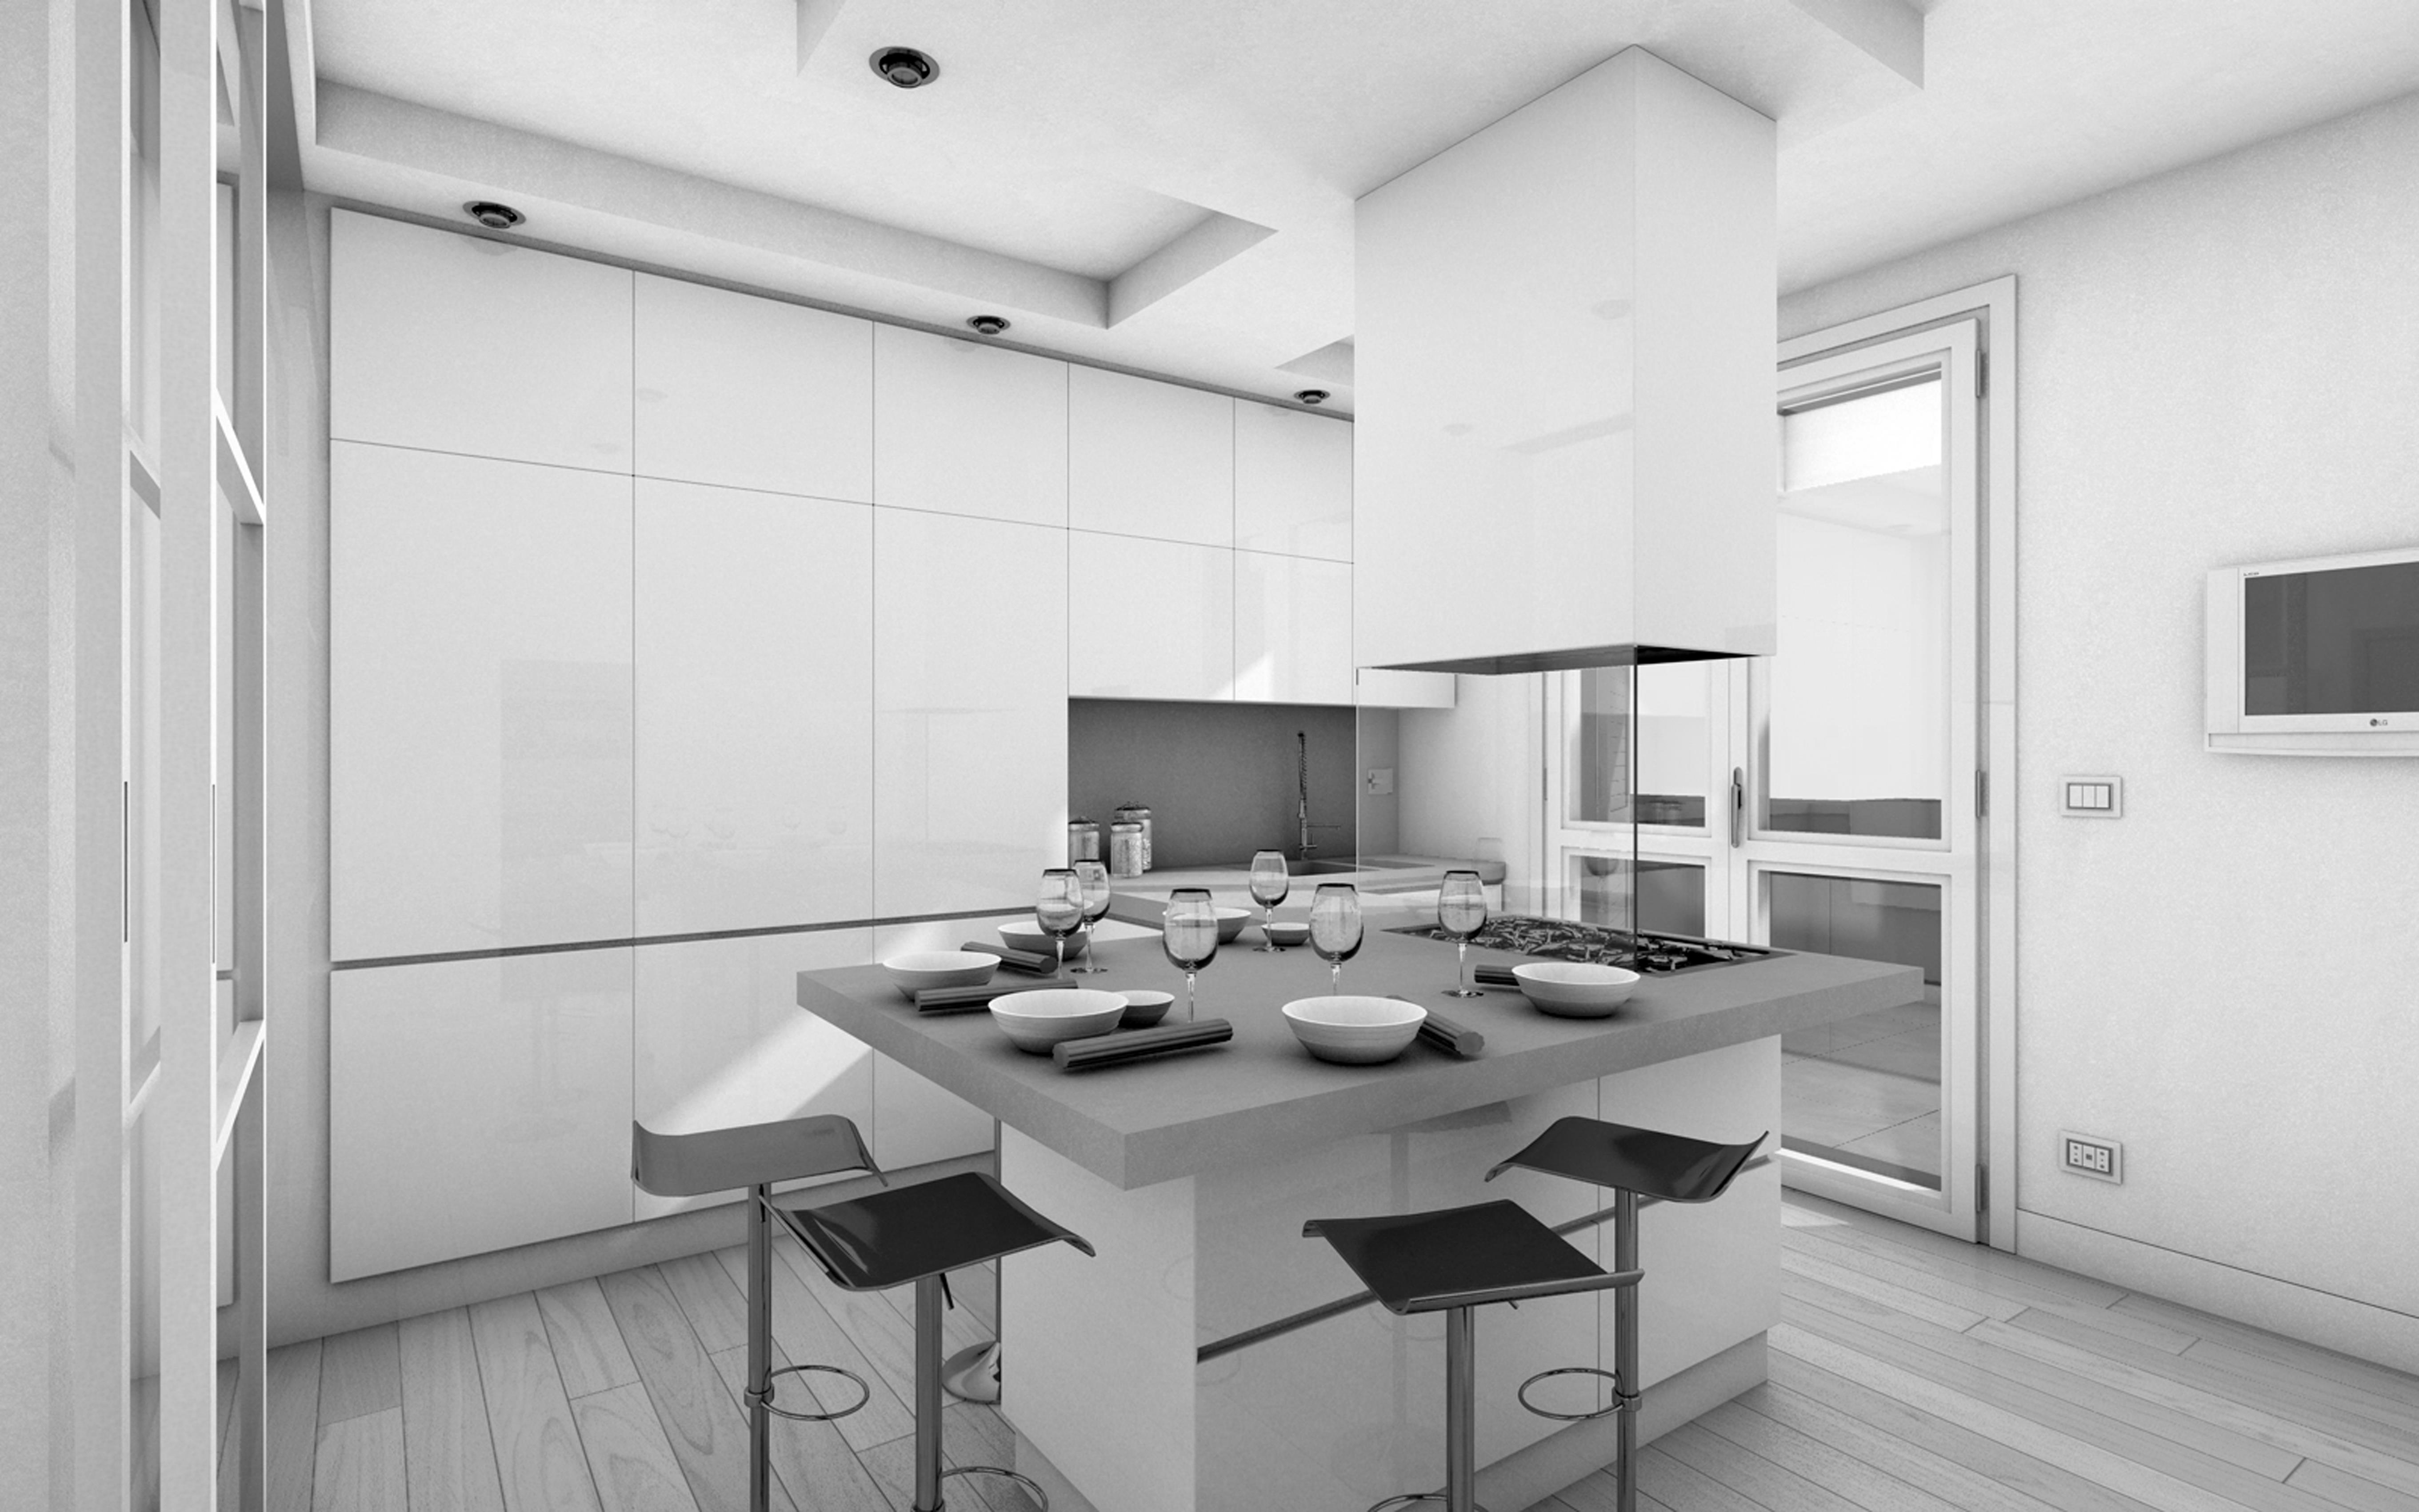 Cucine pensili perfect cucine moderna in legno su misura - Pensili per cucine ...